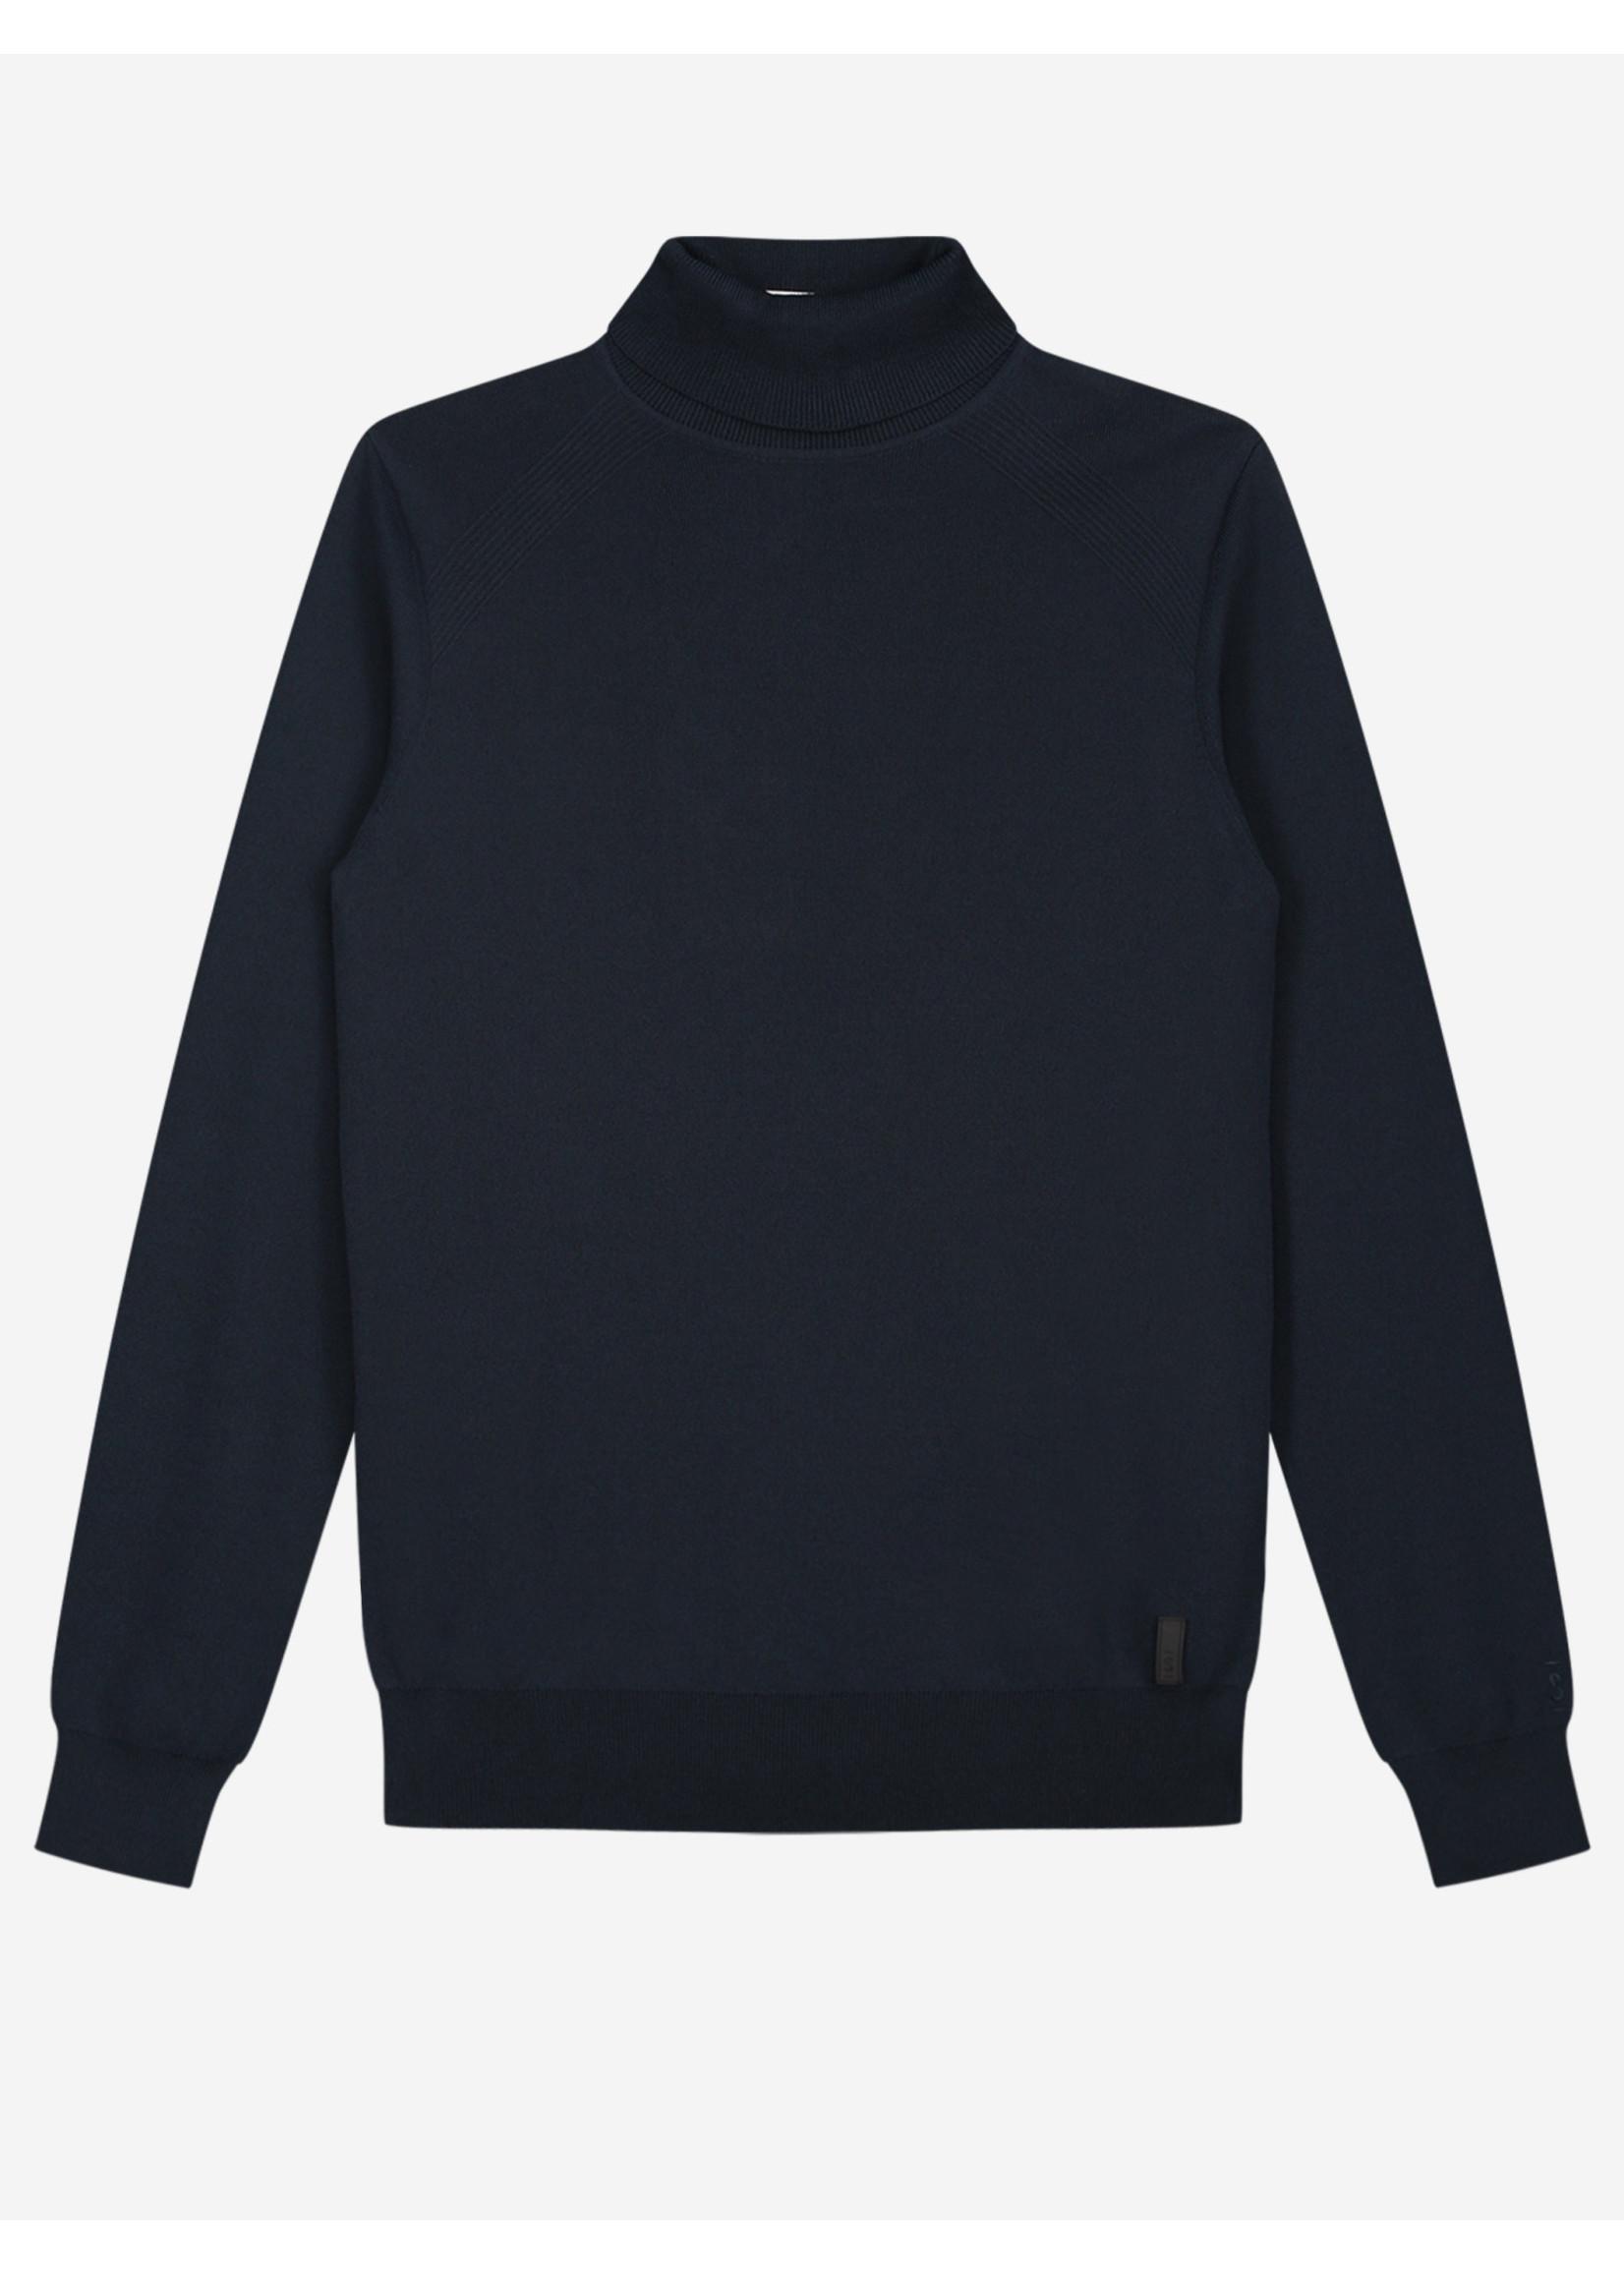 Sustain Sustain Knitted Turtleneck Sweater - Navy